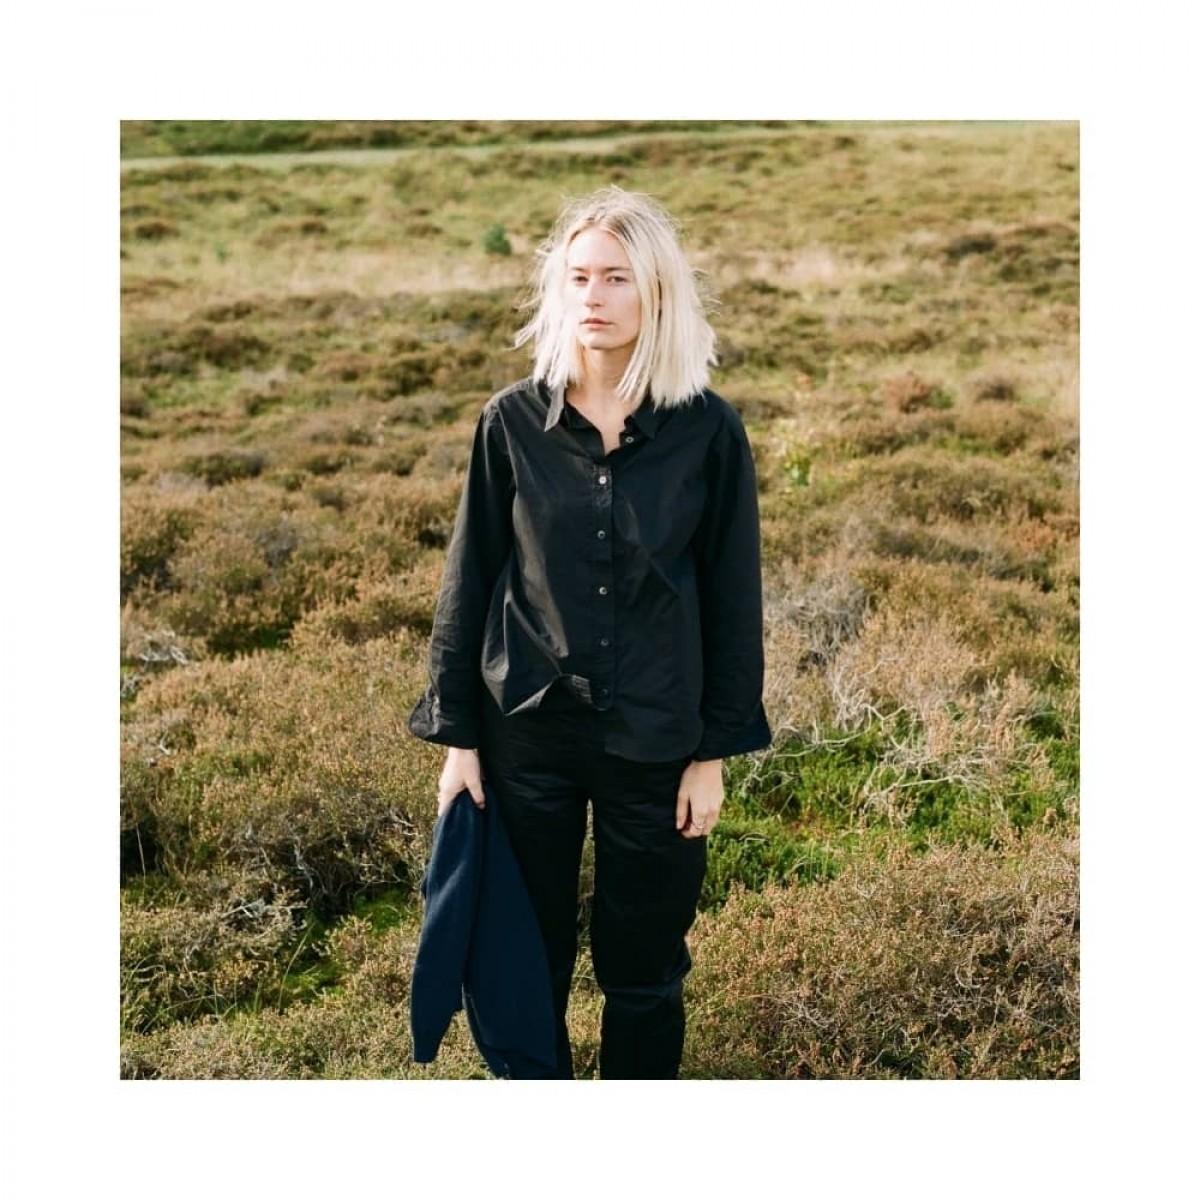 cora skjorte - black - model billede